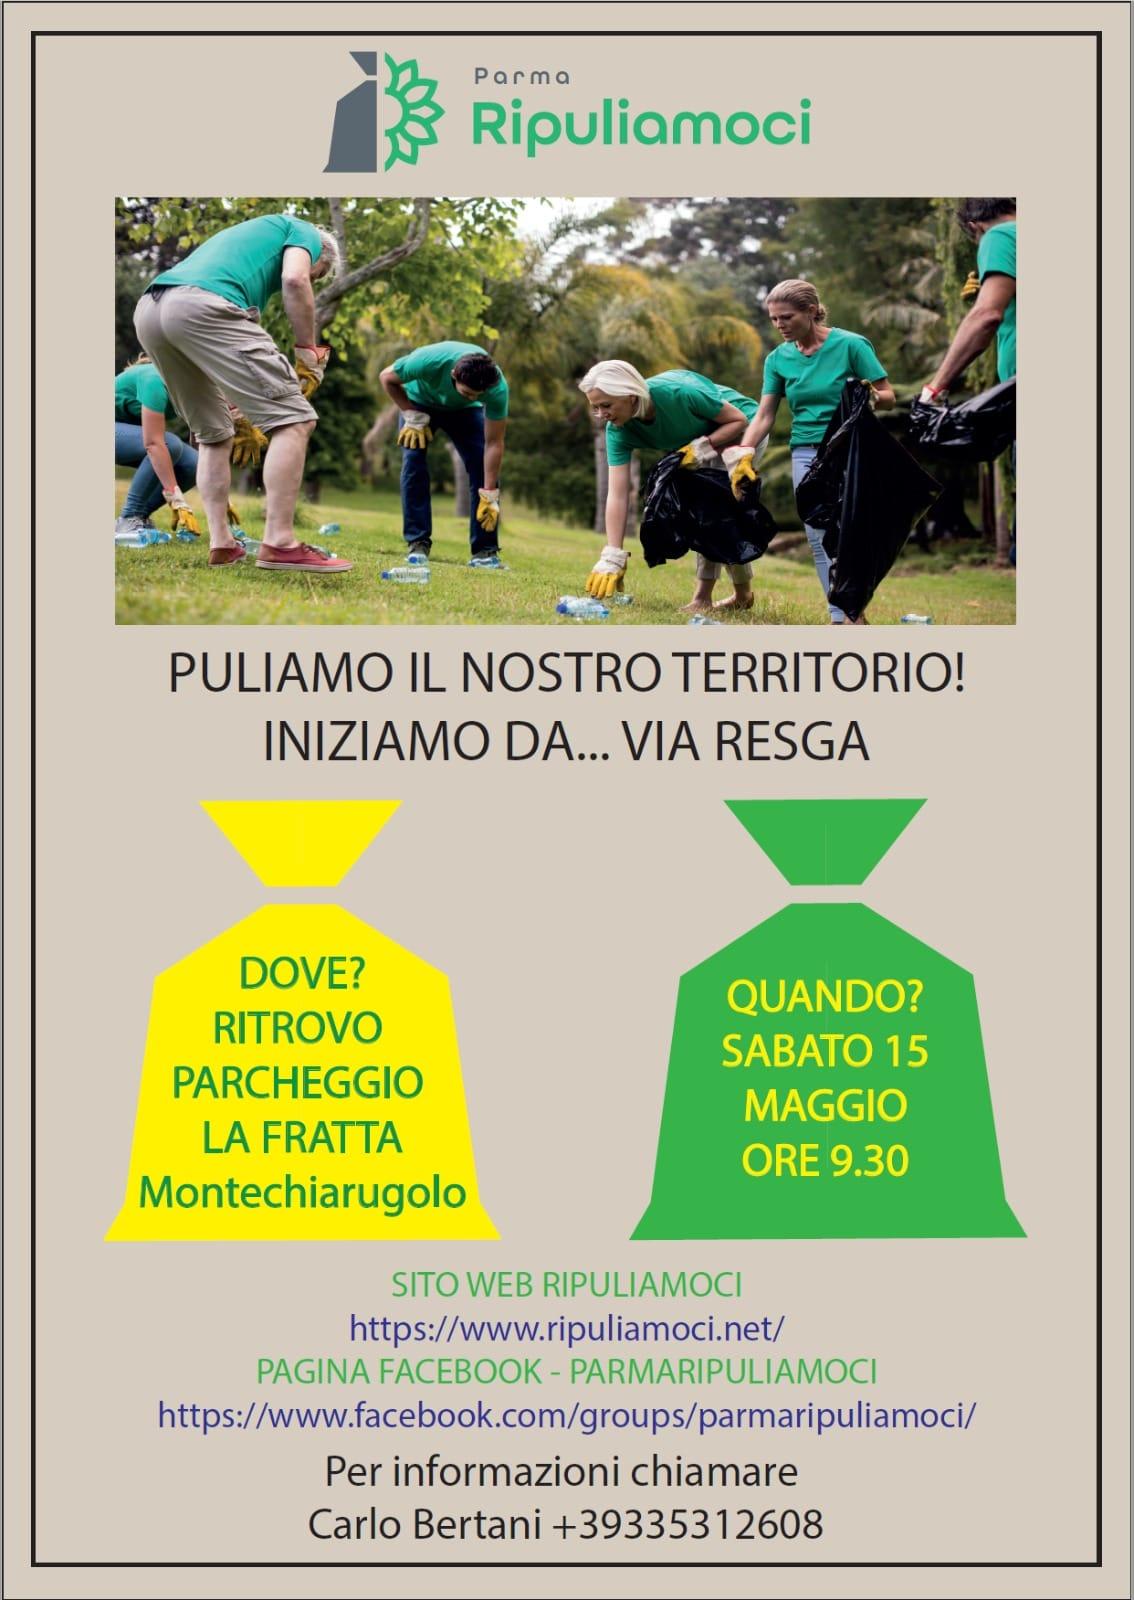 Parma Ripuliamoci nel territorio di Montechiarugolo Maggio 2021